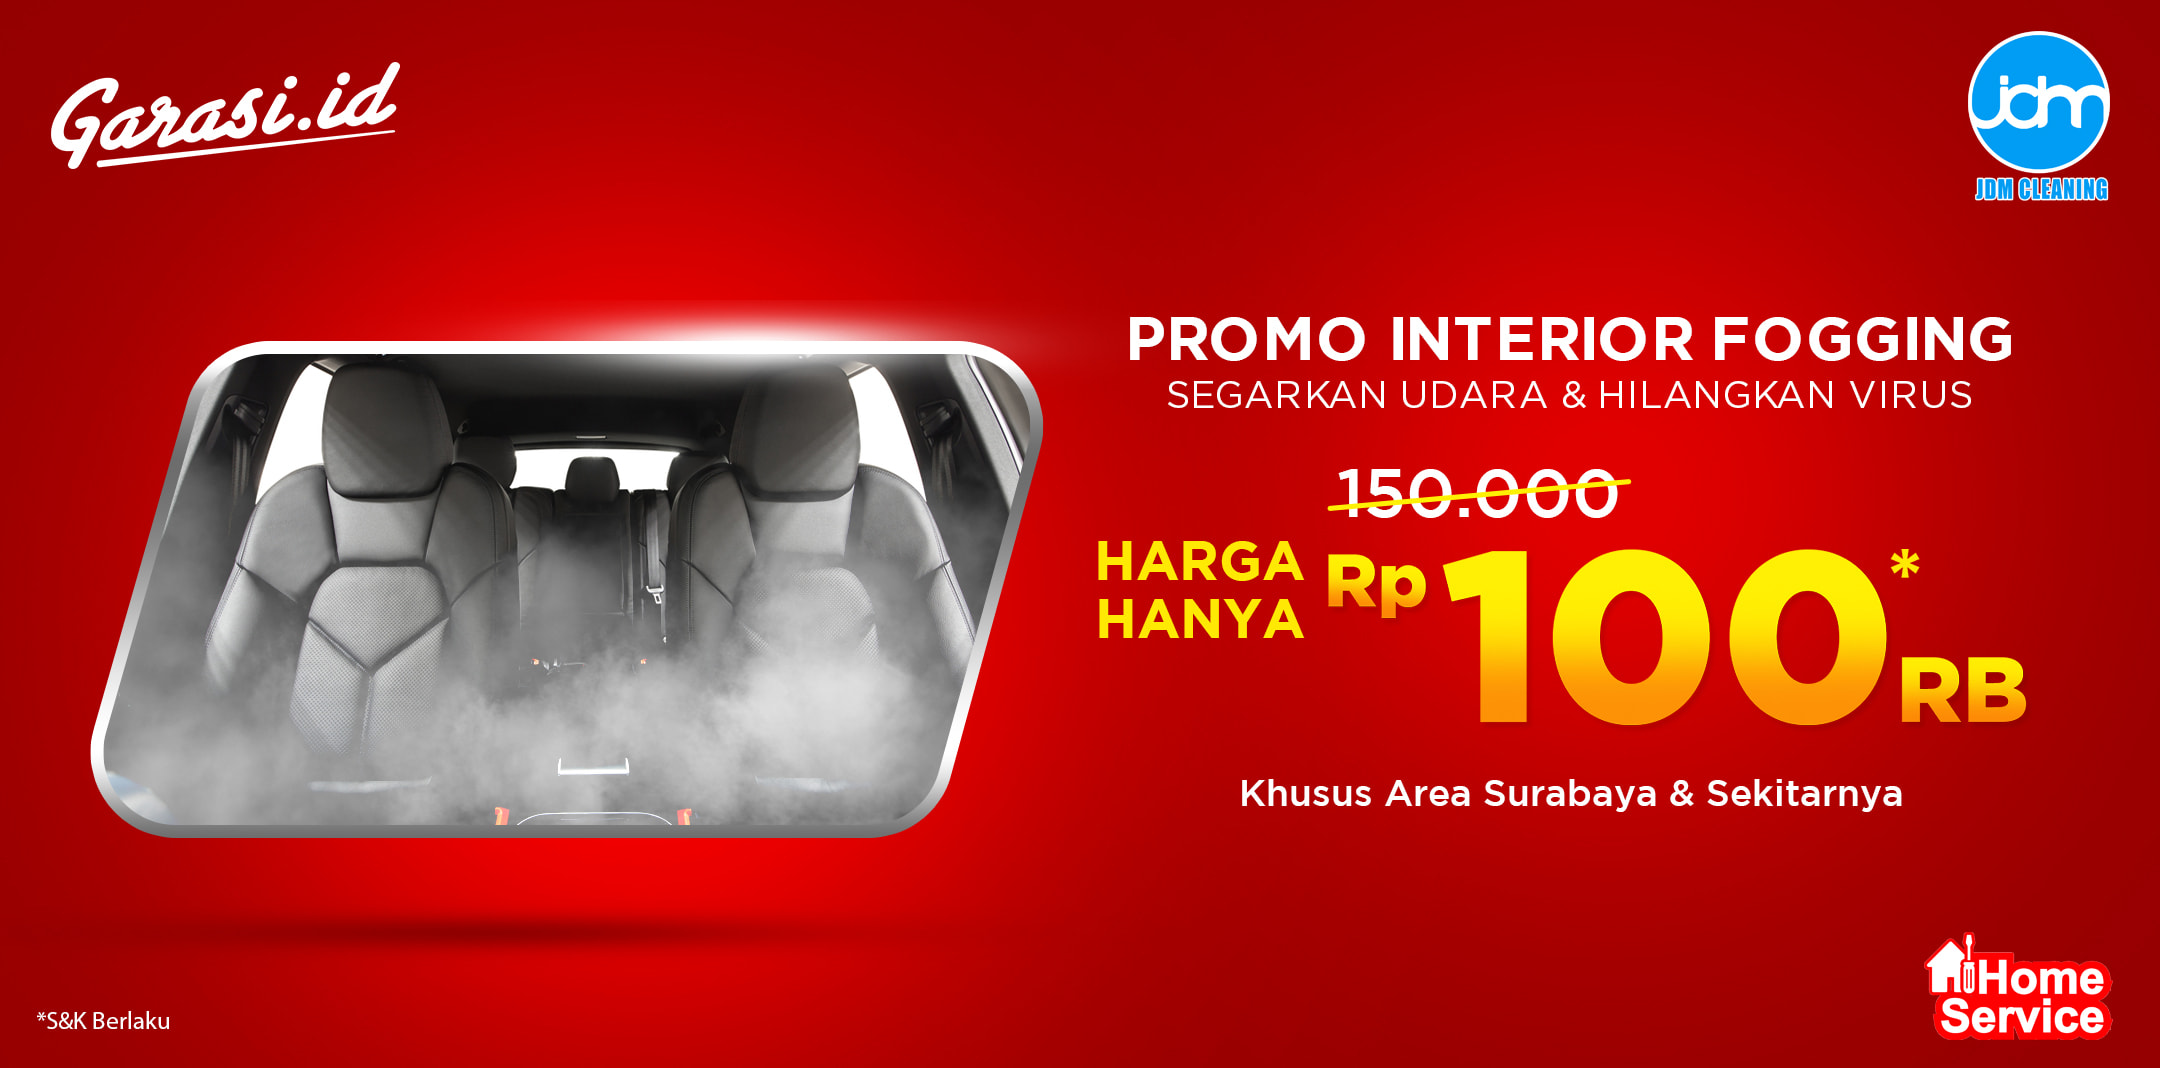 Promo Interior Fogging untuk Surabaya dan sekitarnya